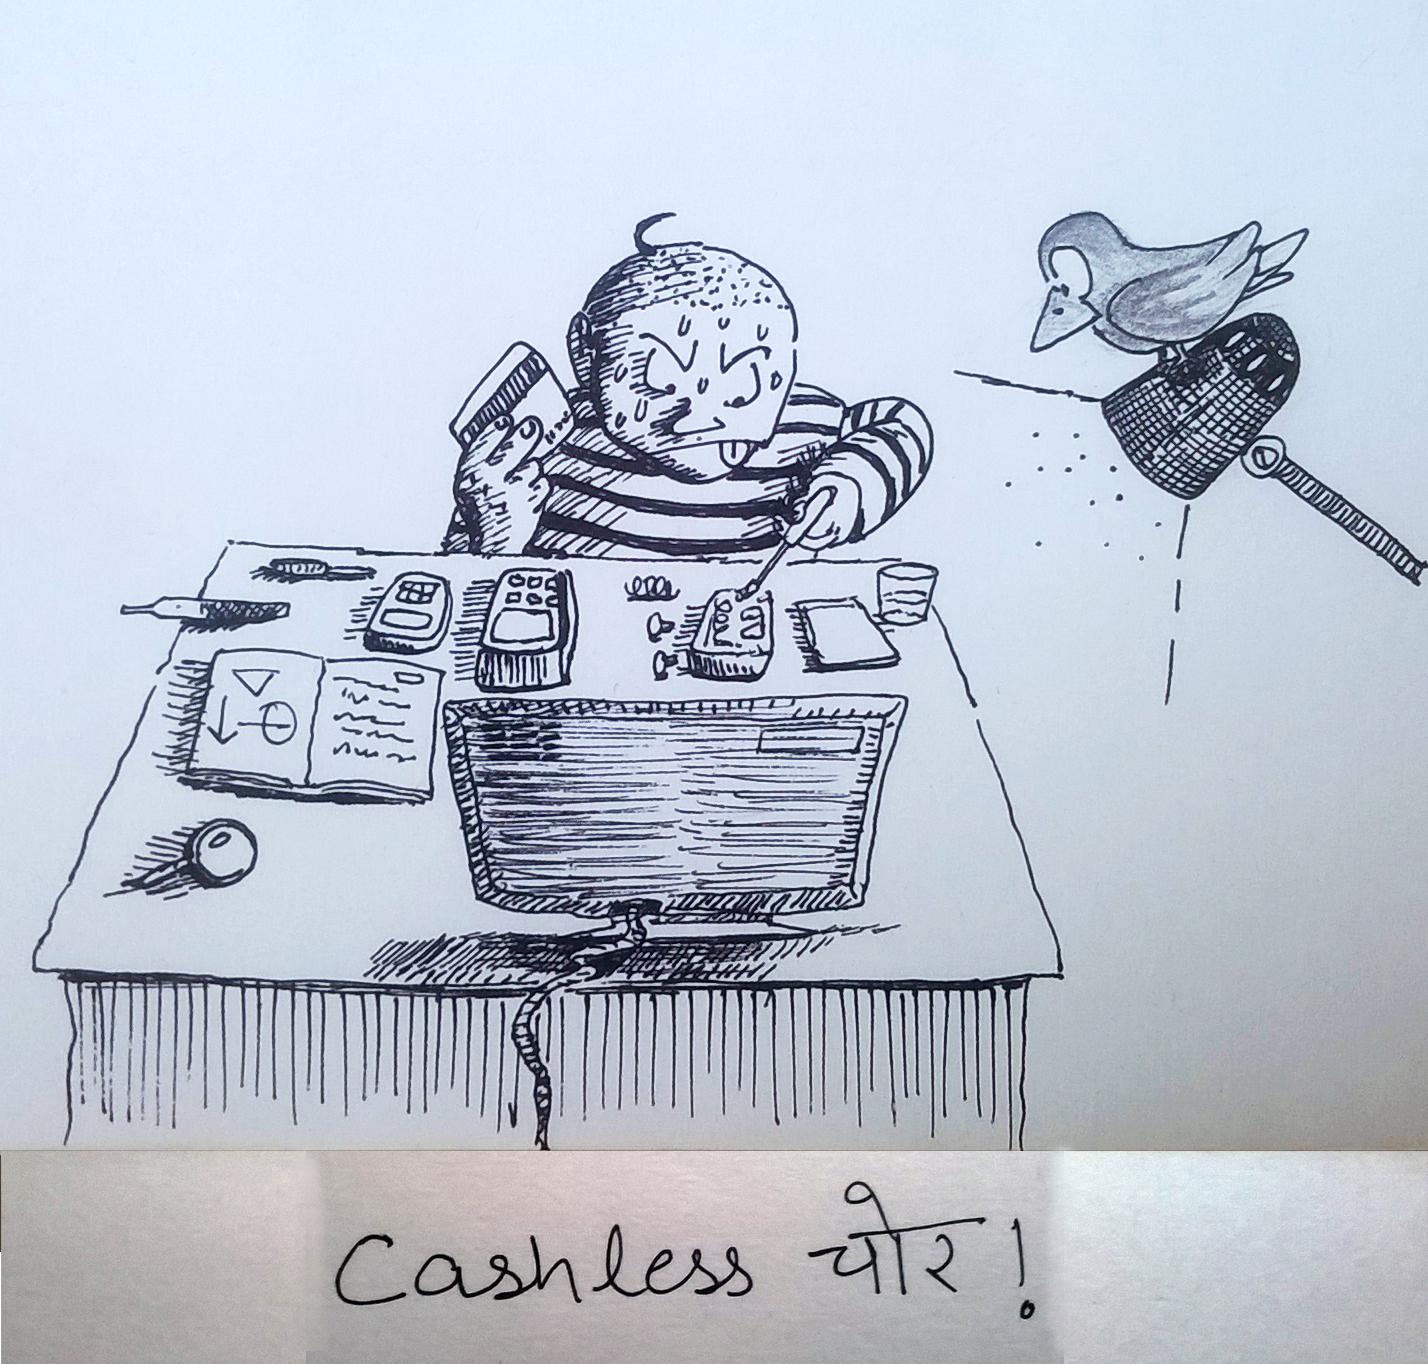 Cashless chor.jpg